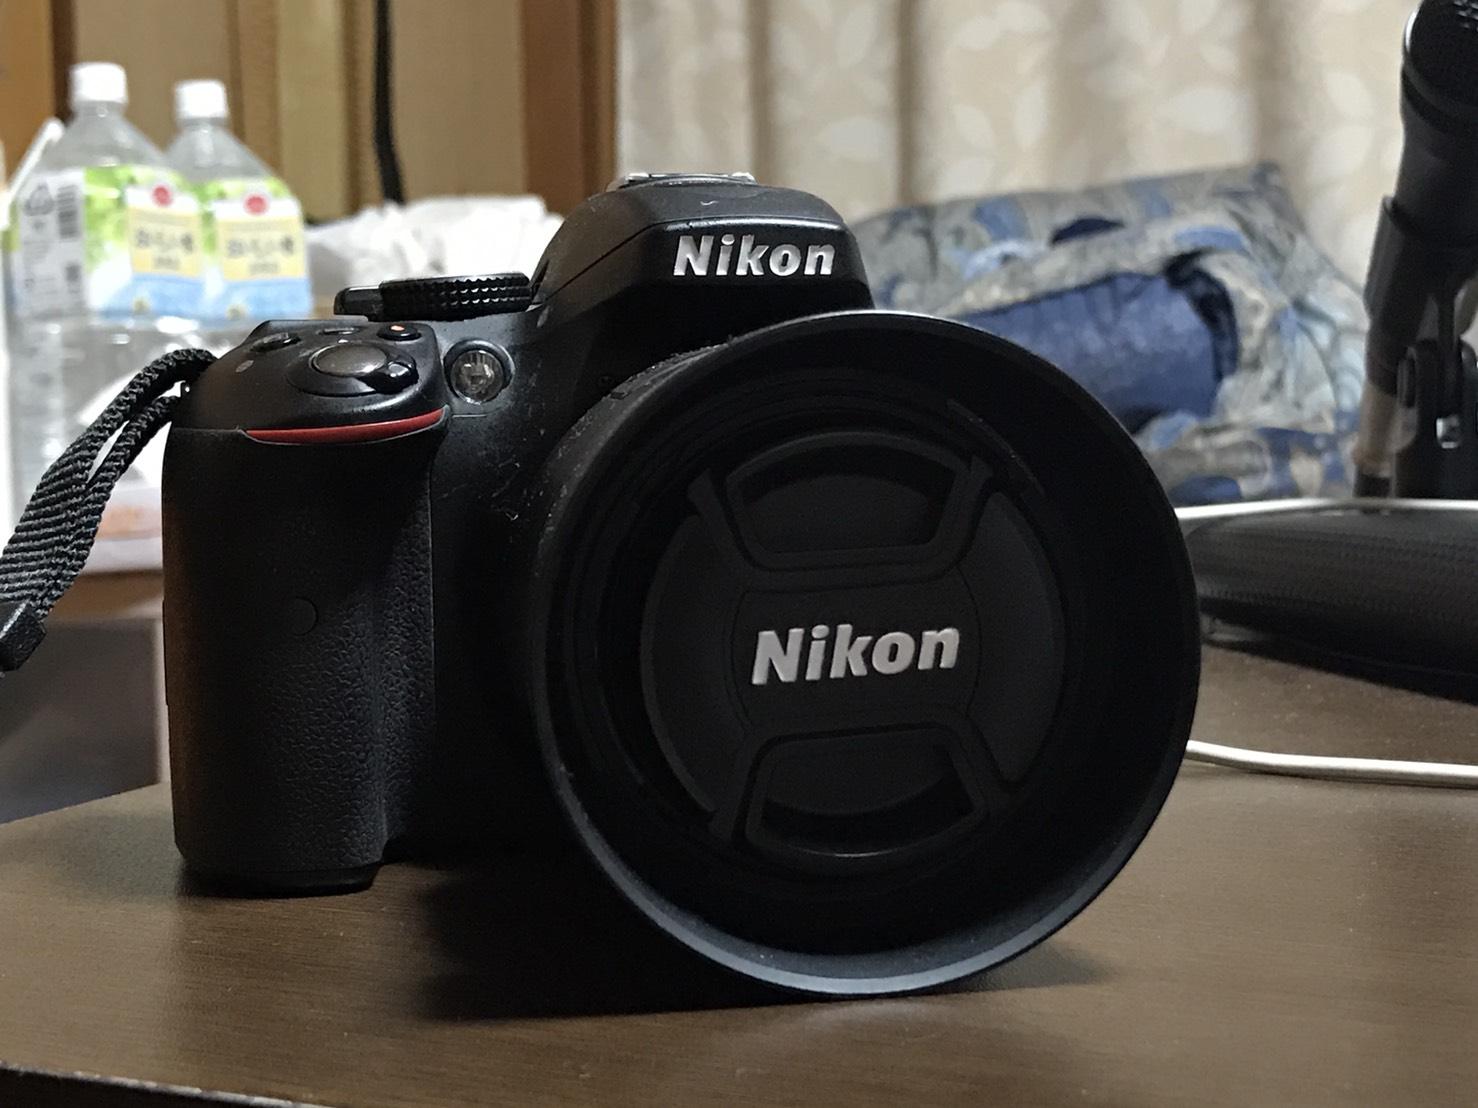 Nikon D5300 ガチモードで撮るときはこいつを使います。